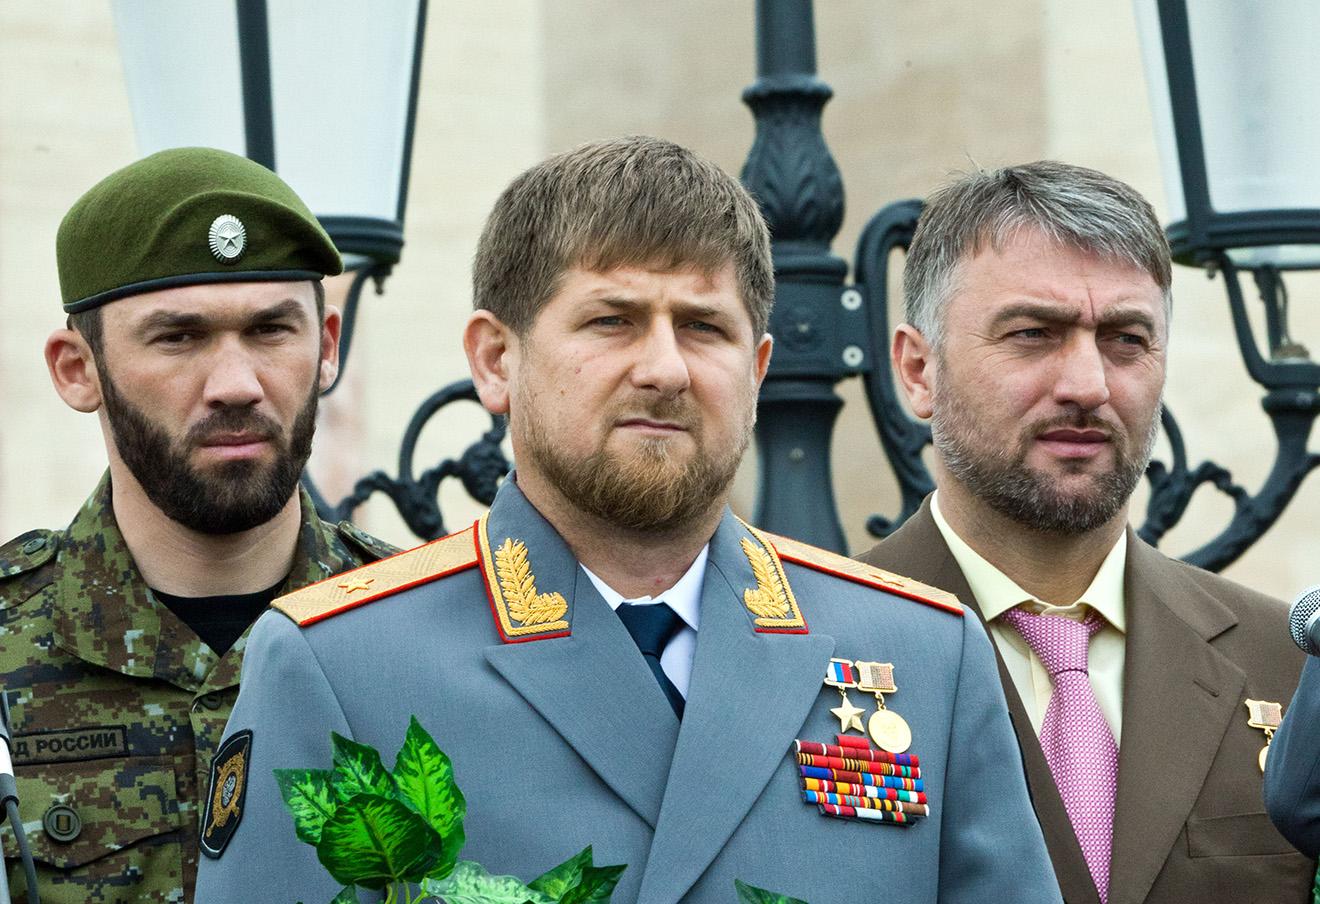 Рамзан Кадыров со спикером парламента Чечни Магомедом Даудовым (слева) и депутатом ГД Адамом Делимхановым.